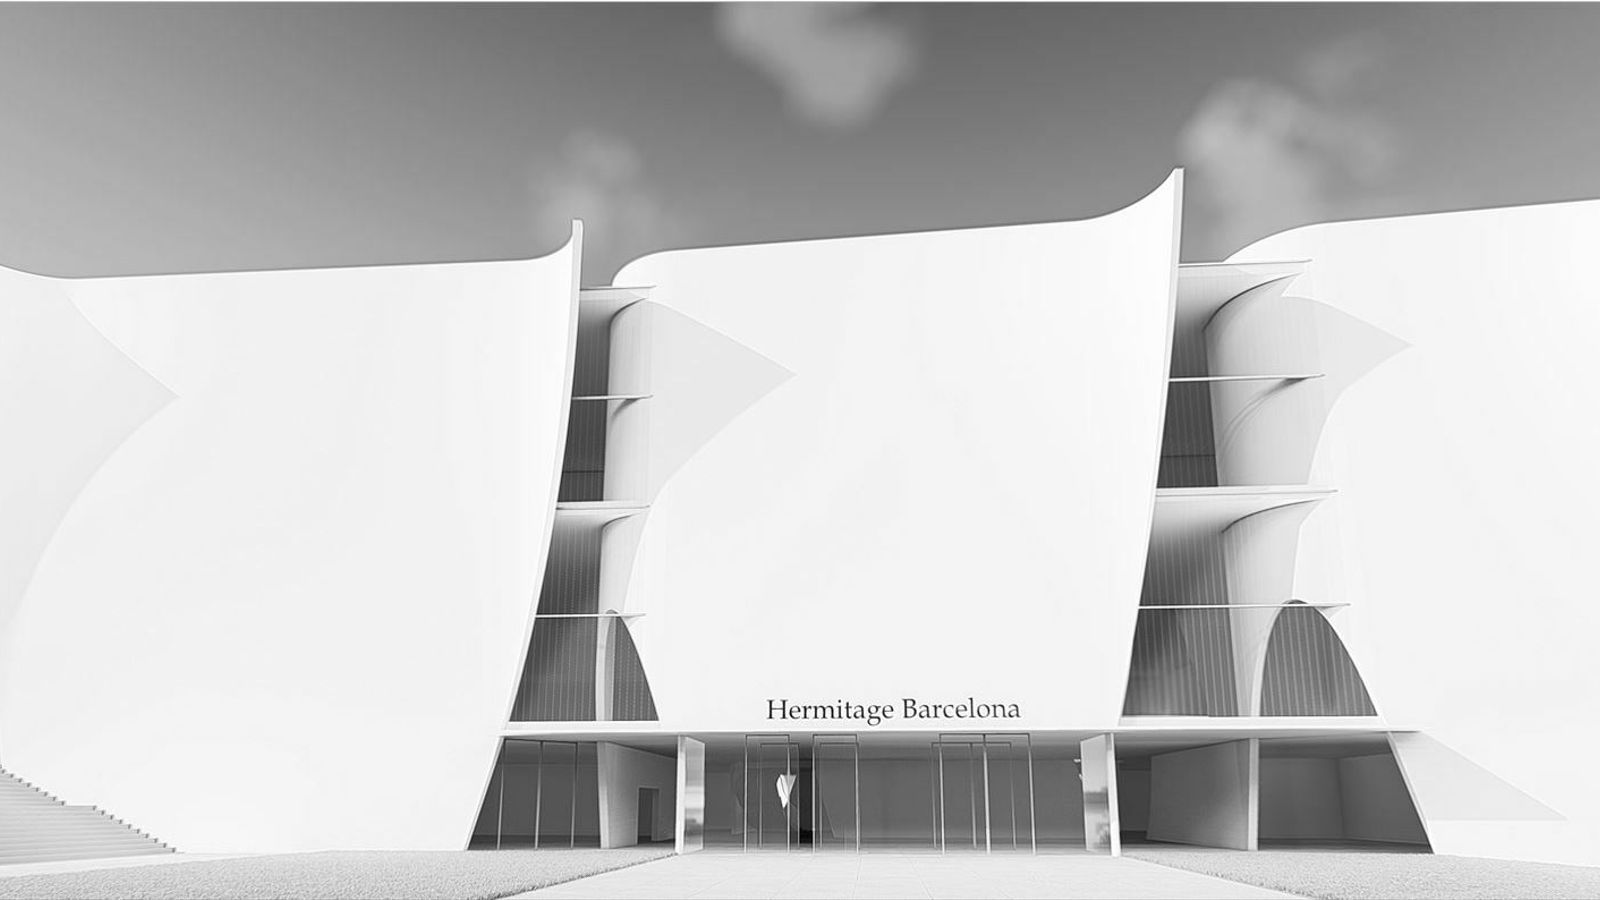 Recreació del projecte de l'arquitecte japonès Toyo Ito per a l'Hermitage de Barcelona